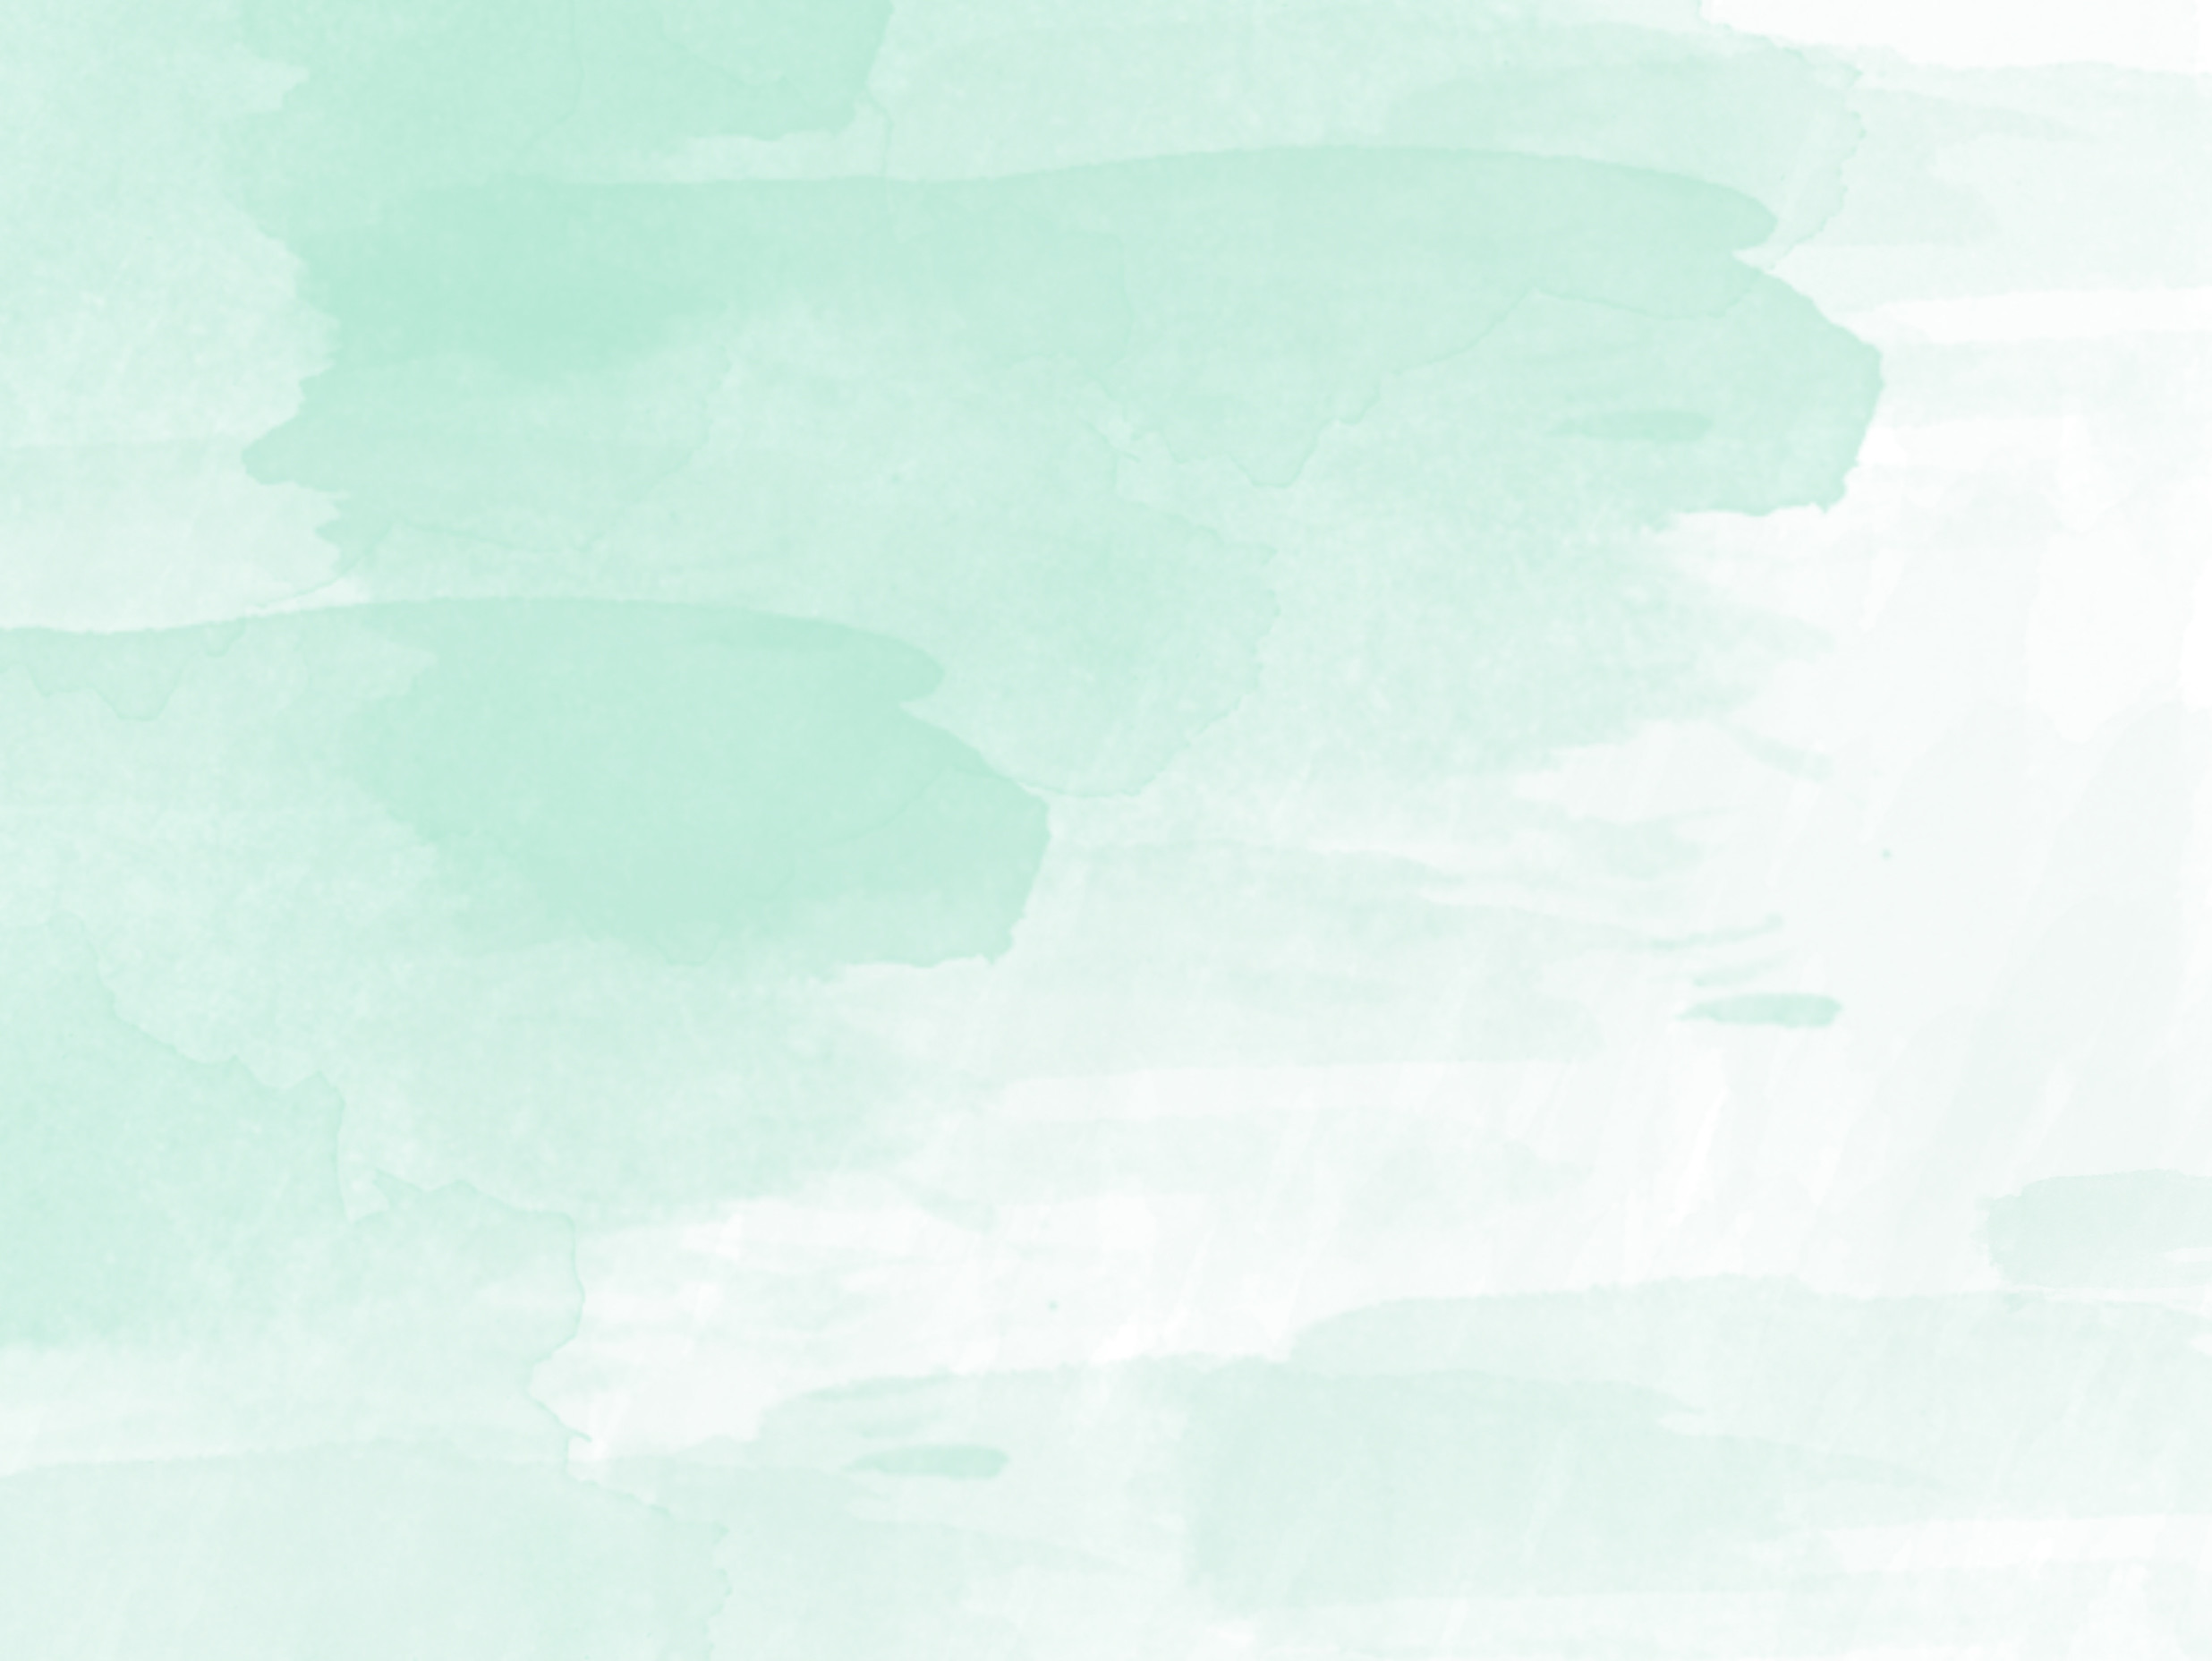 Explore Mint Wallpaper, Watercolor Wallpaper, and more!